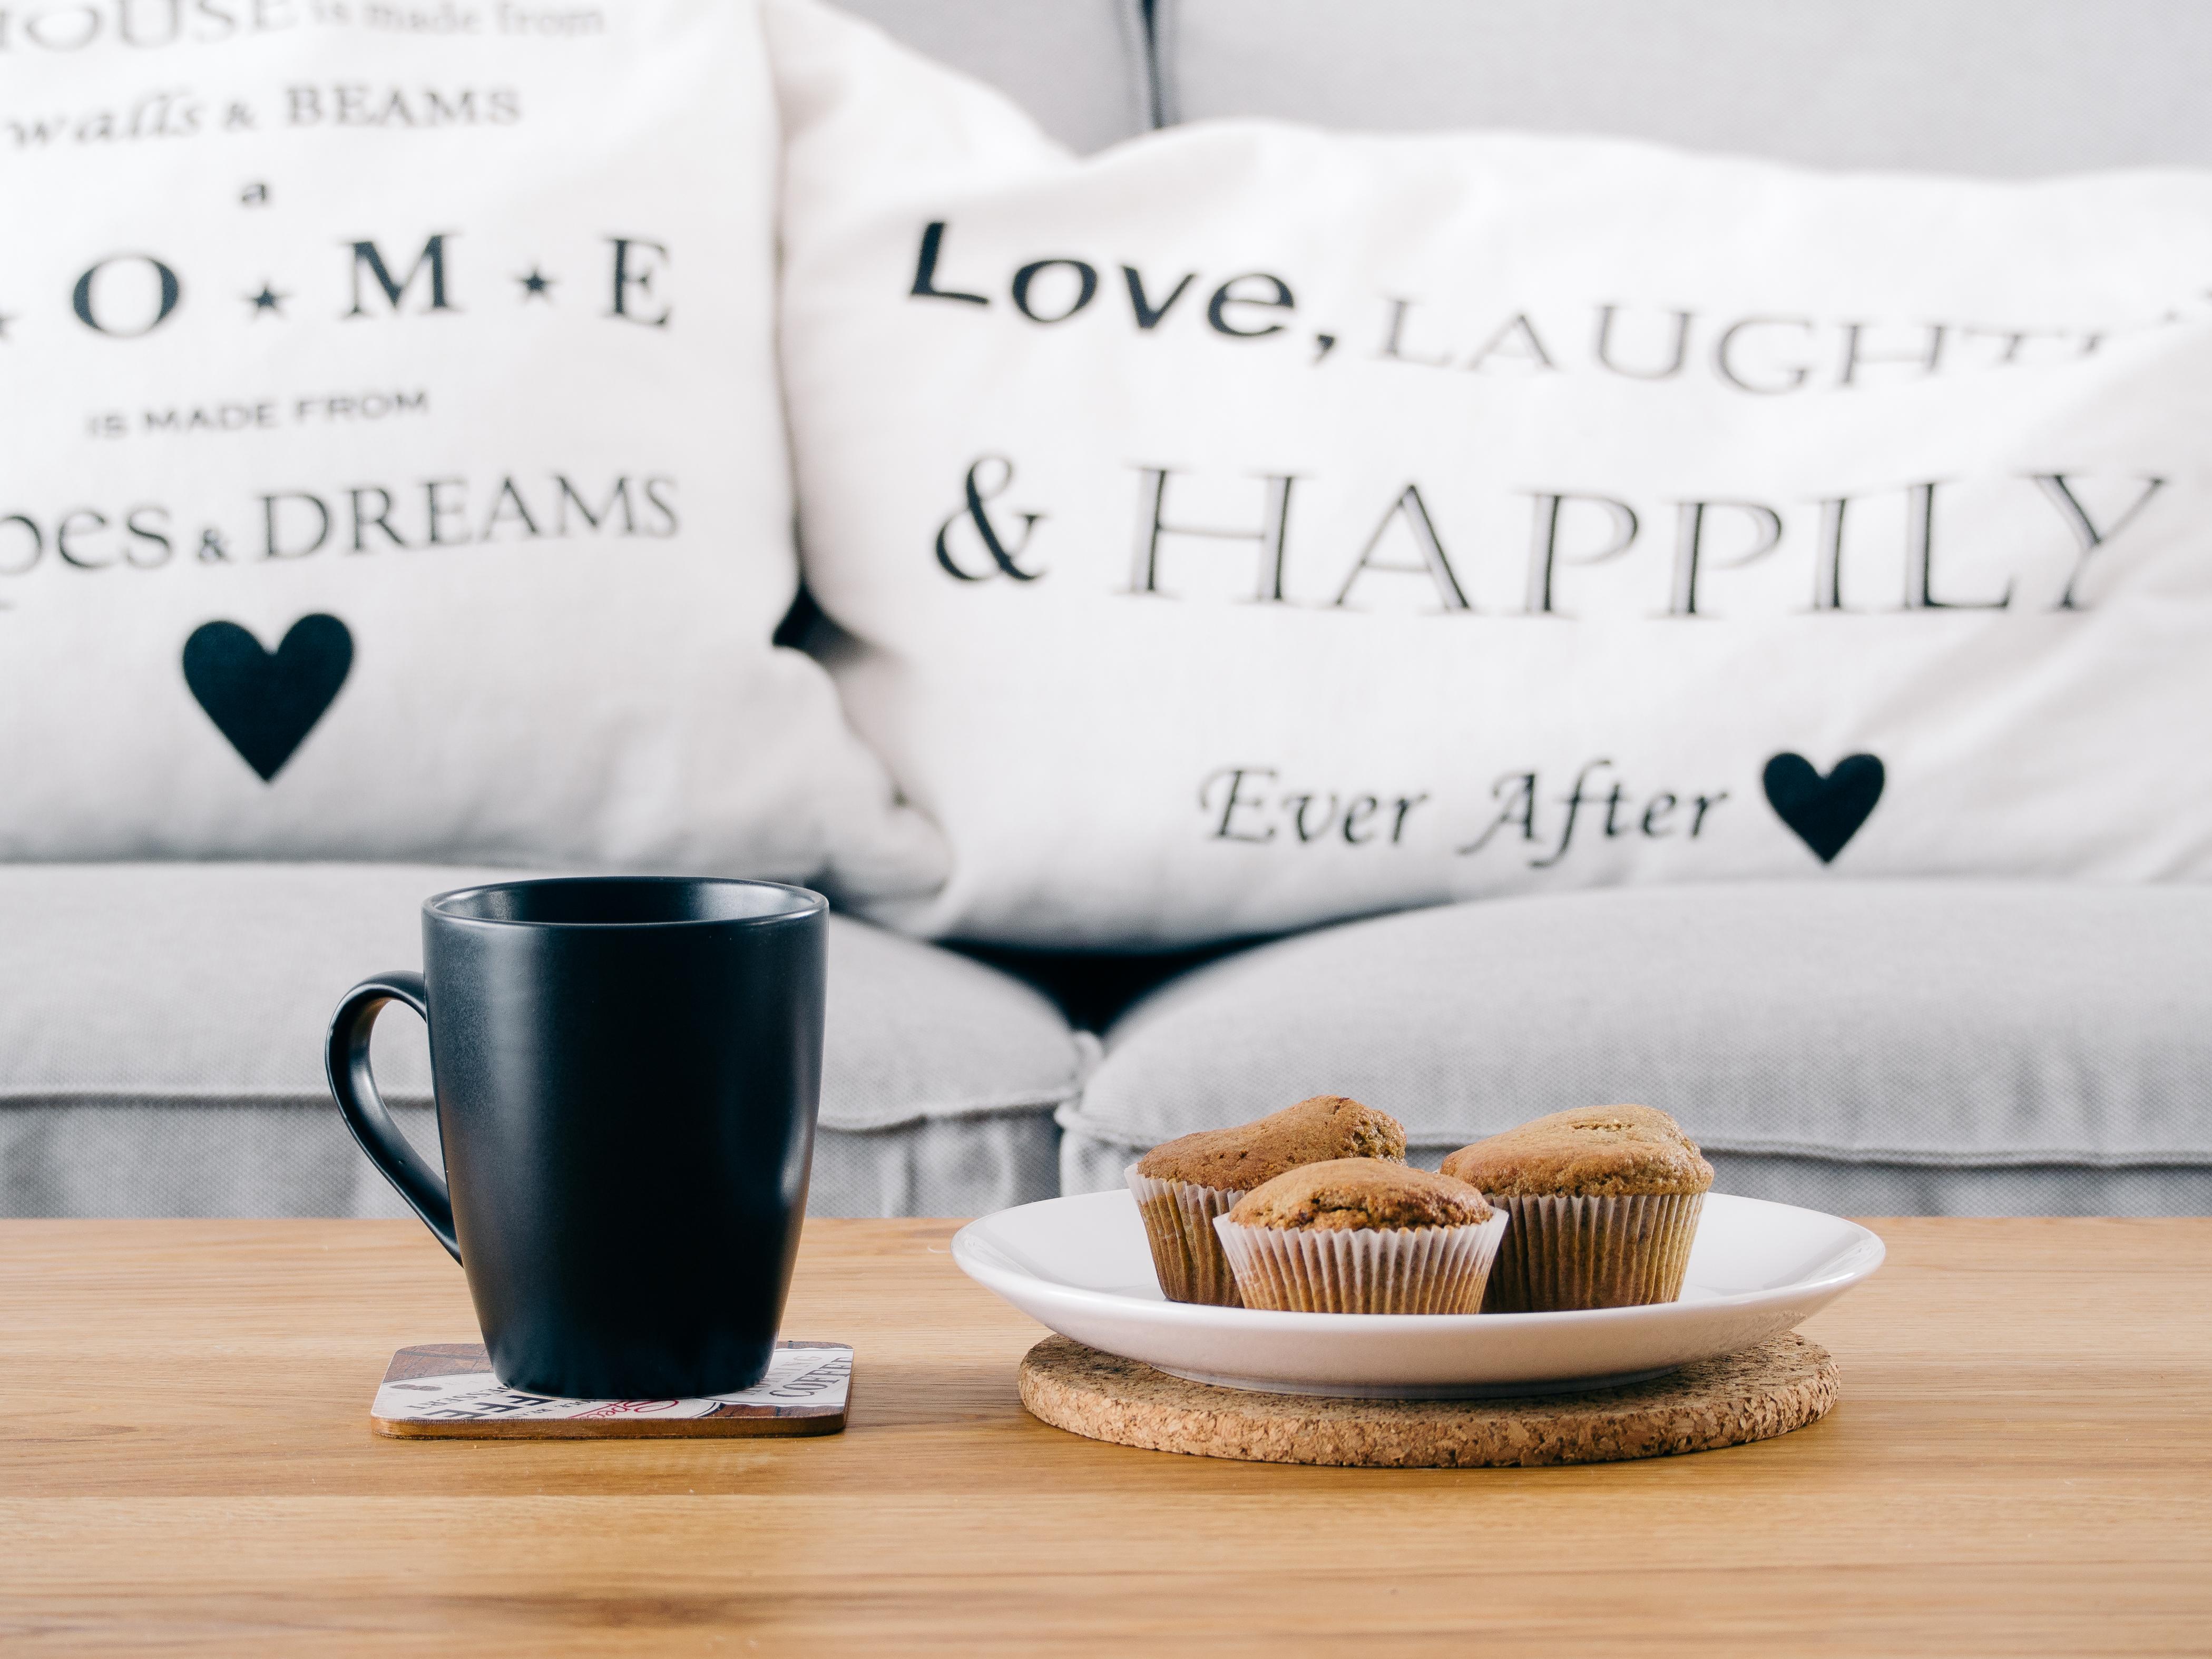 不用一位難求、還要在現場等到天花地老,跨年夜自己在家也可以做大餐,外帶個甜點回家,想吃什麼就吃什麼...天啊,人生這樣好快樂喔♬